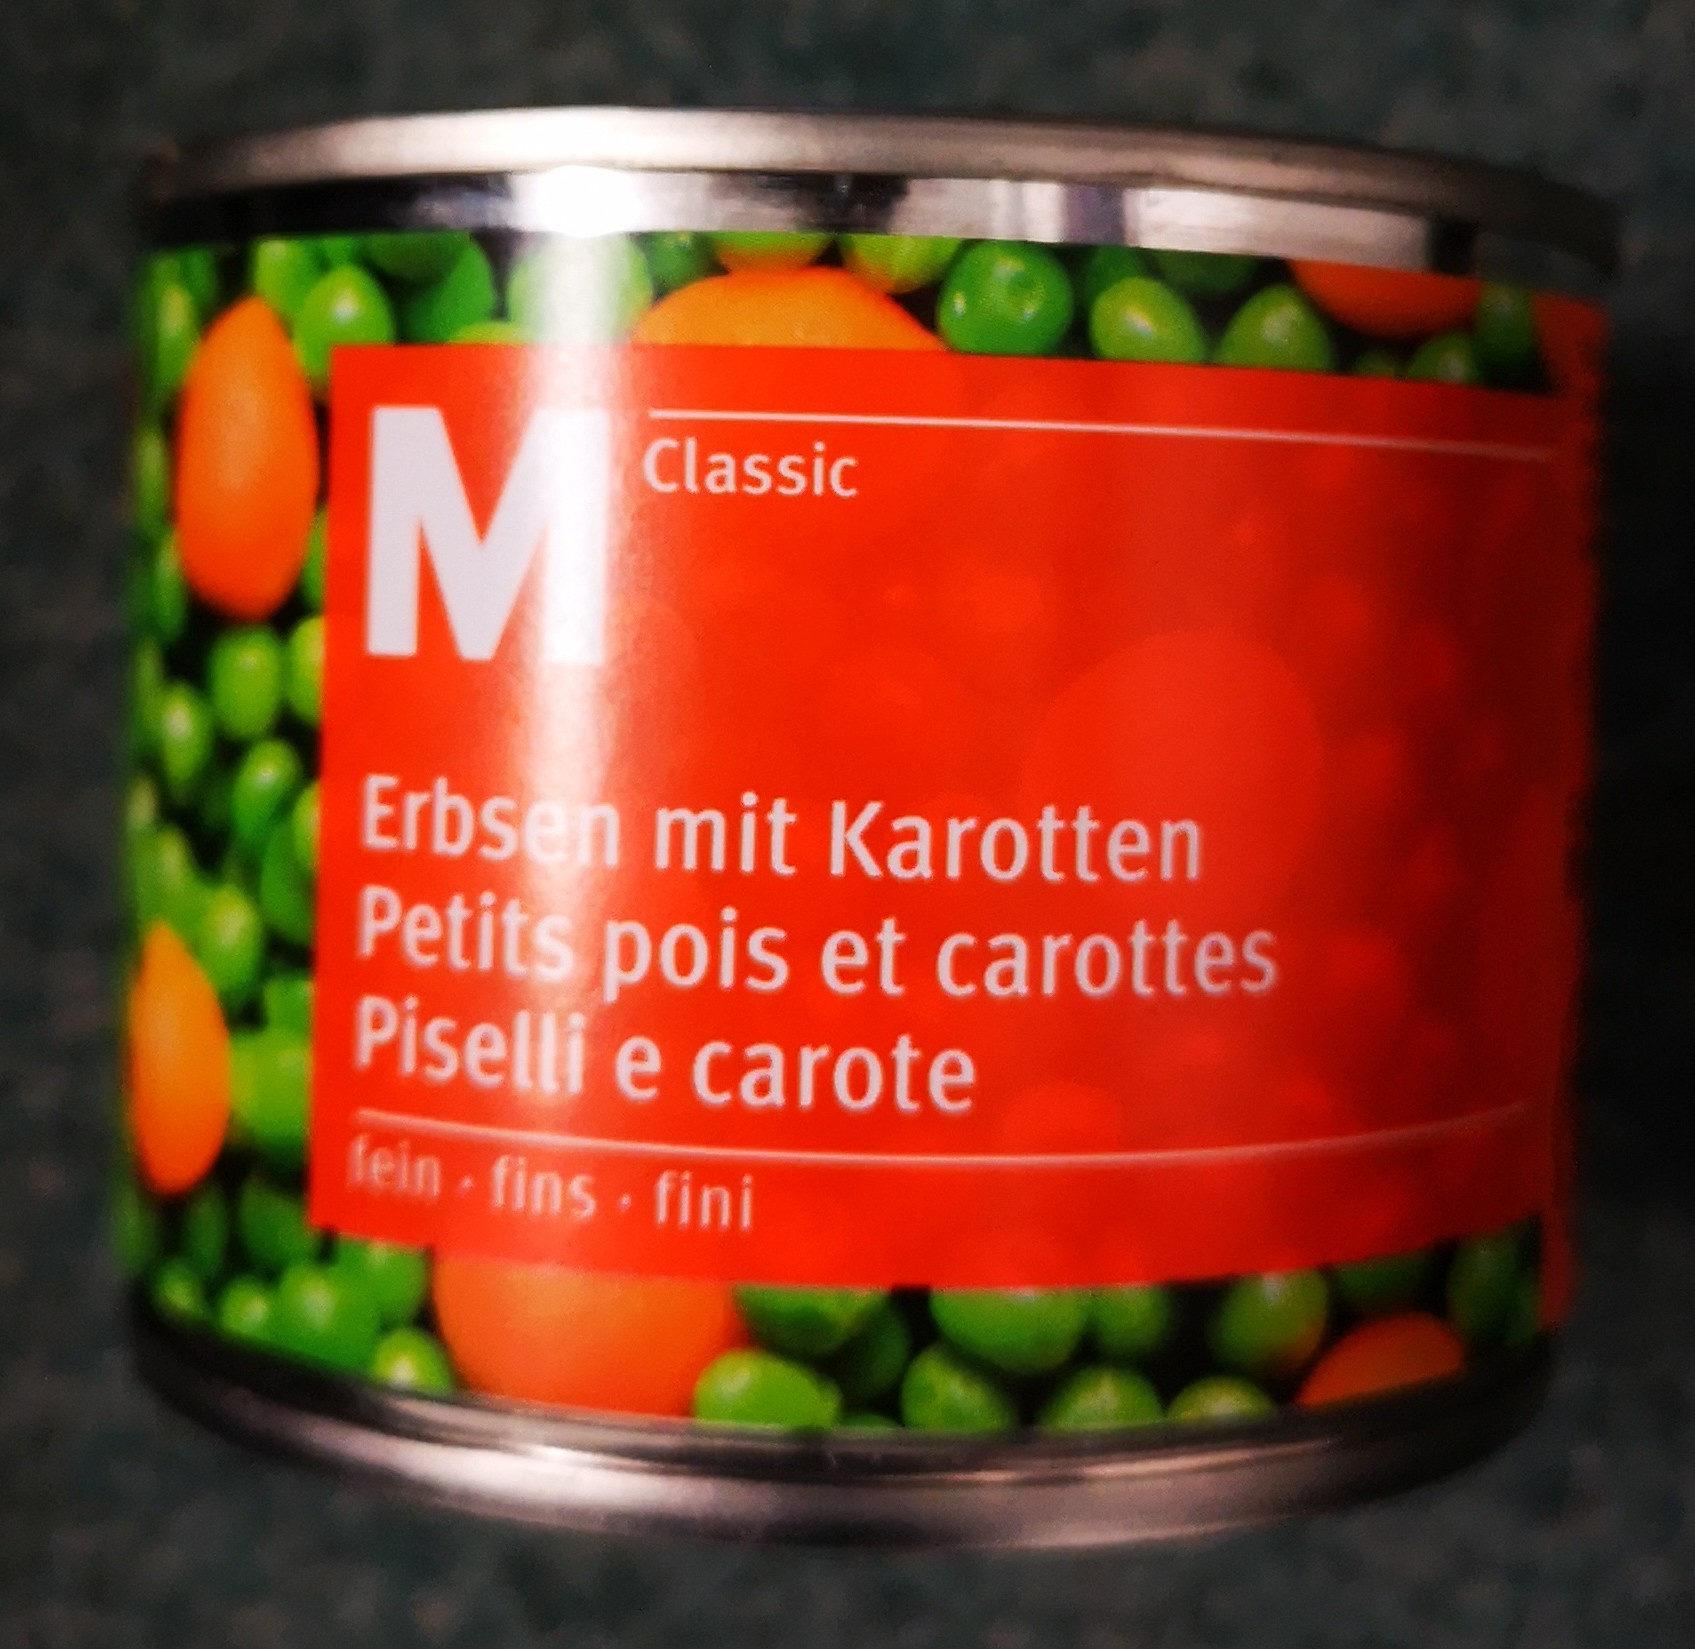 Petits pois et carottes - Produit